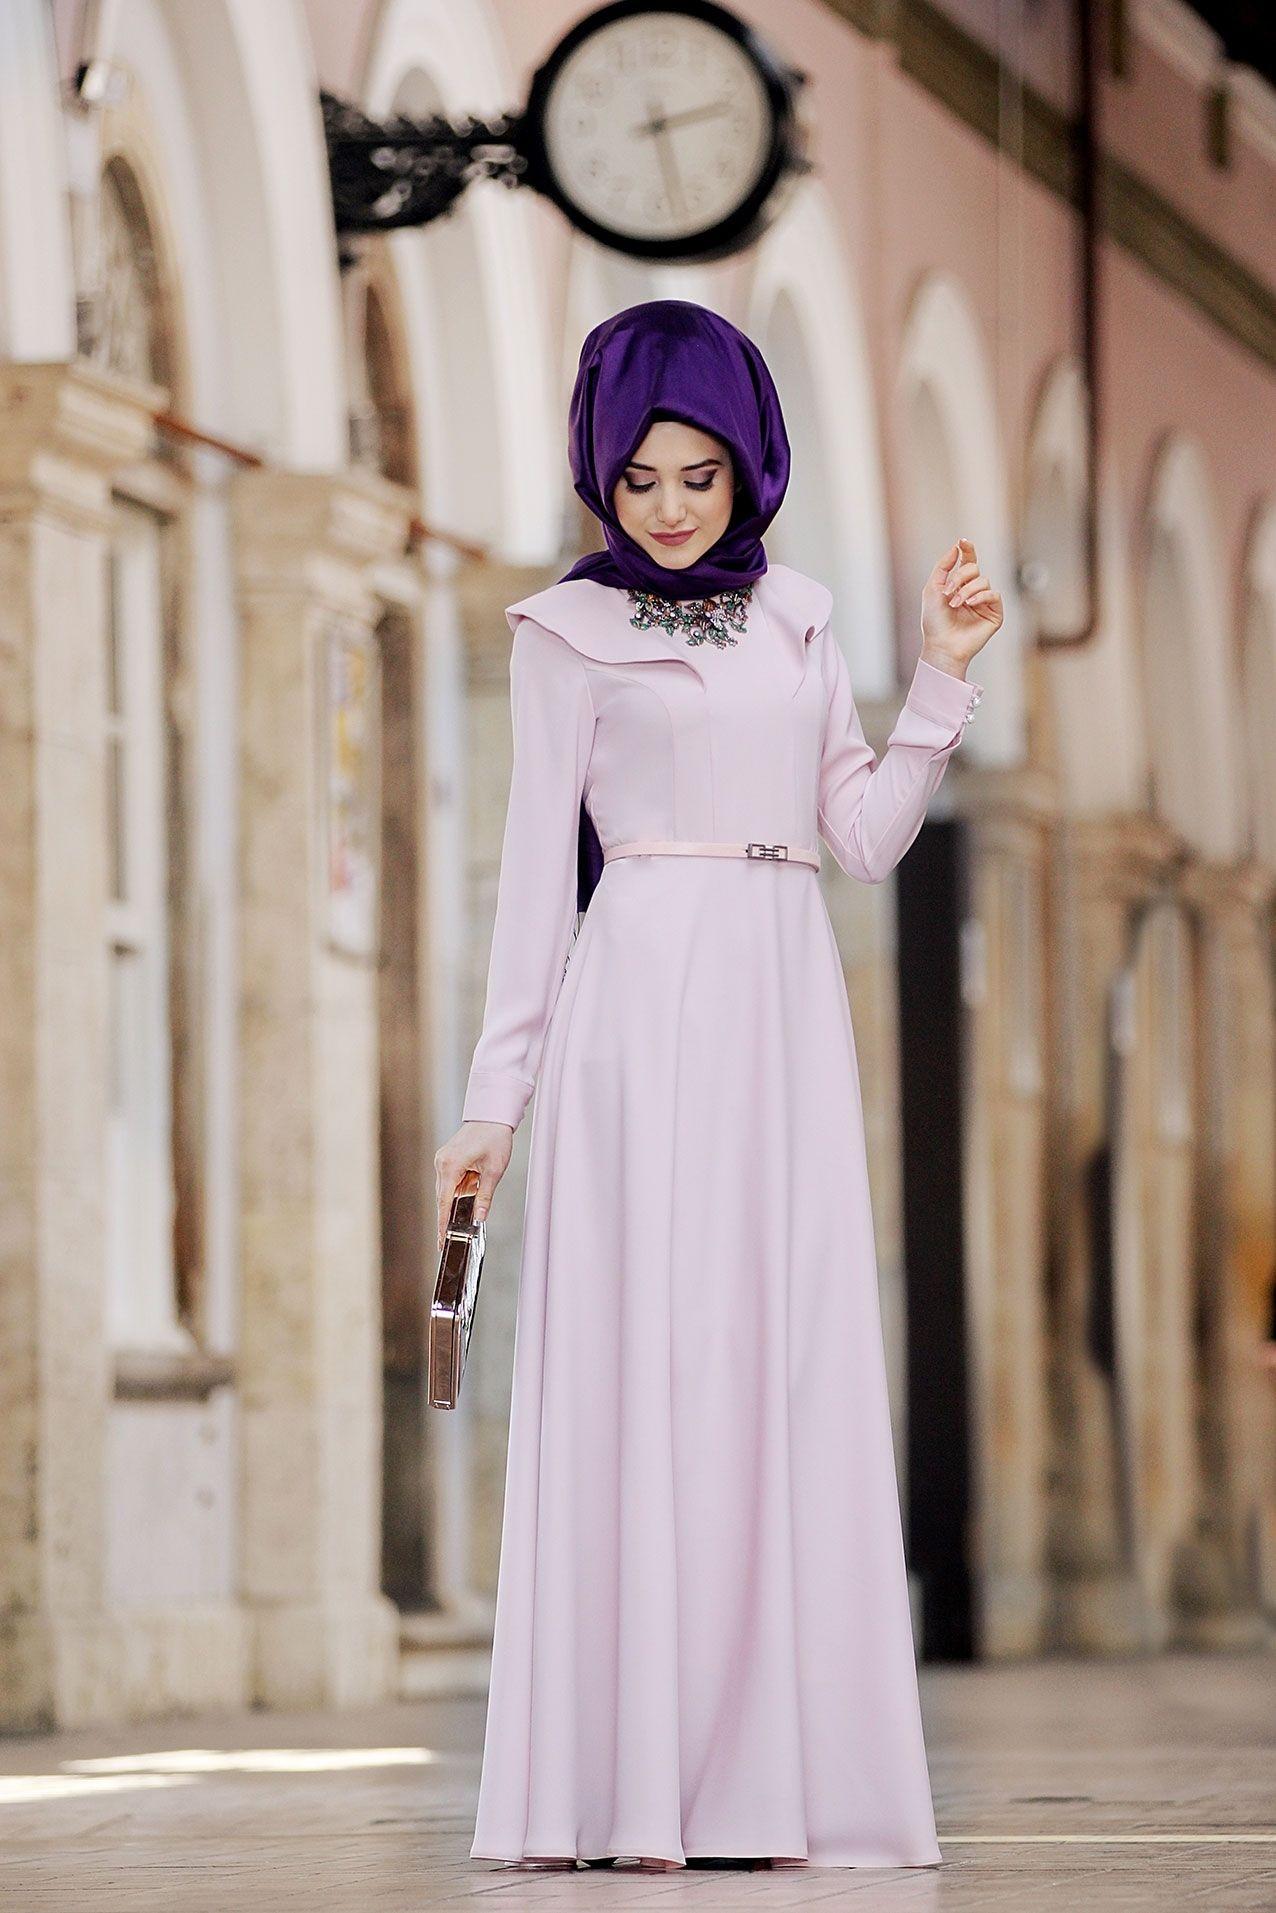 38399e6e40746 Gamze Polat yazlık tesettür elbise | hijab | Giyim, Elbiseler ...